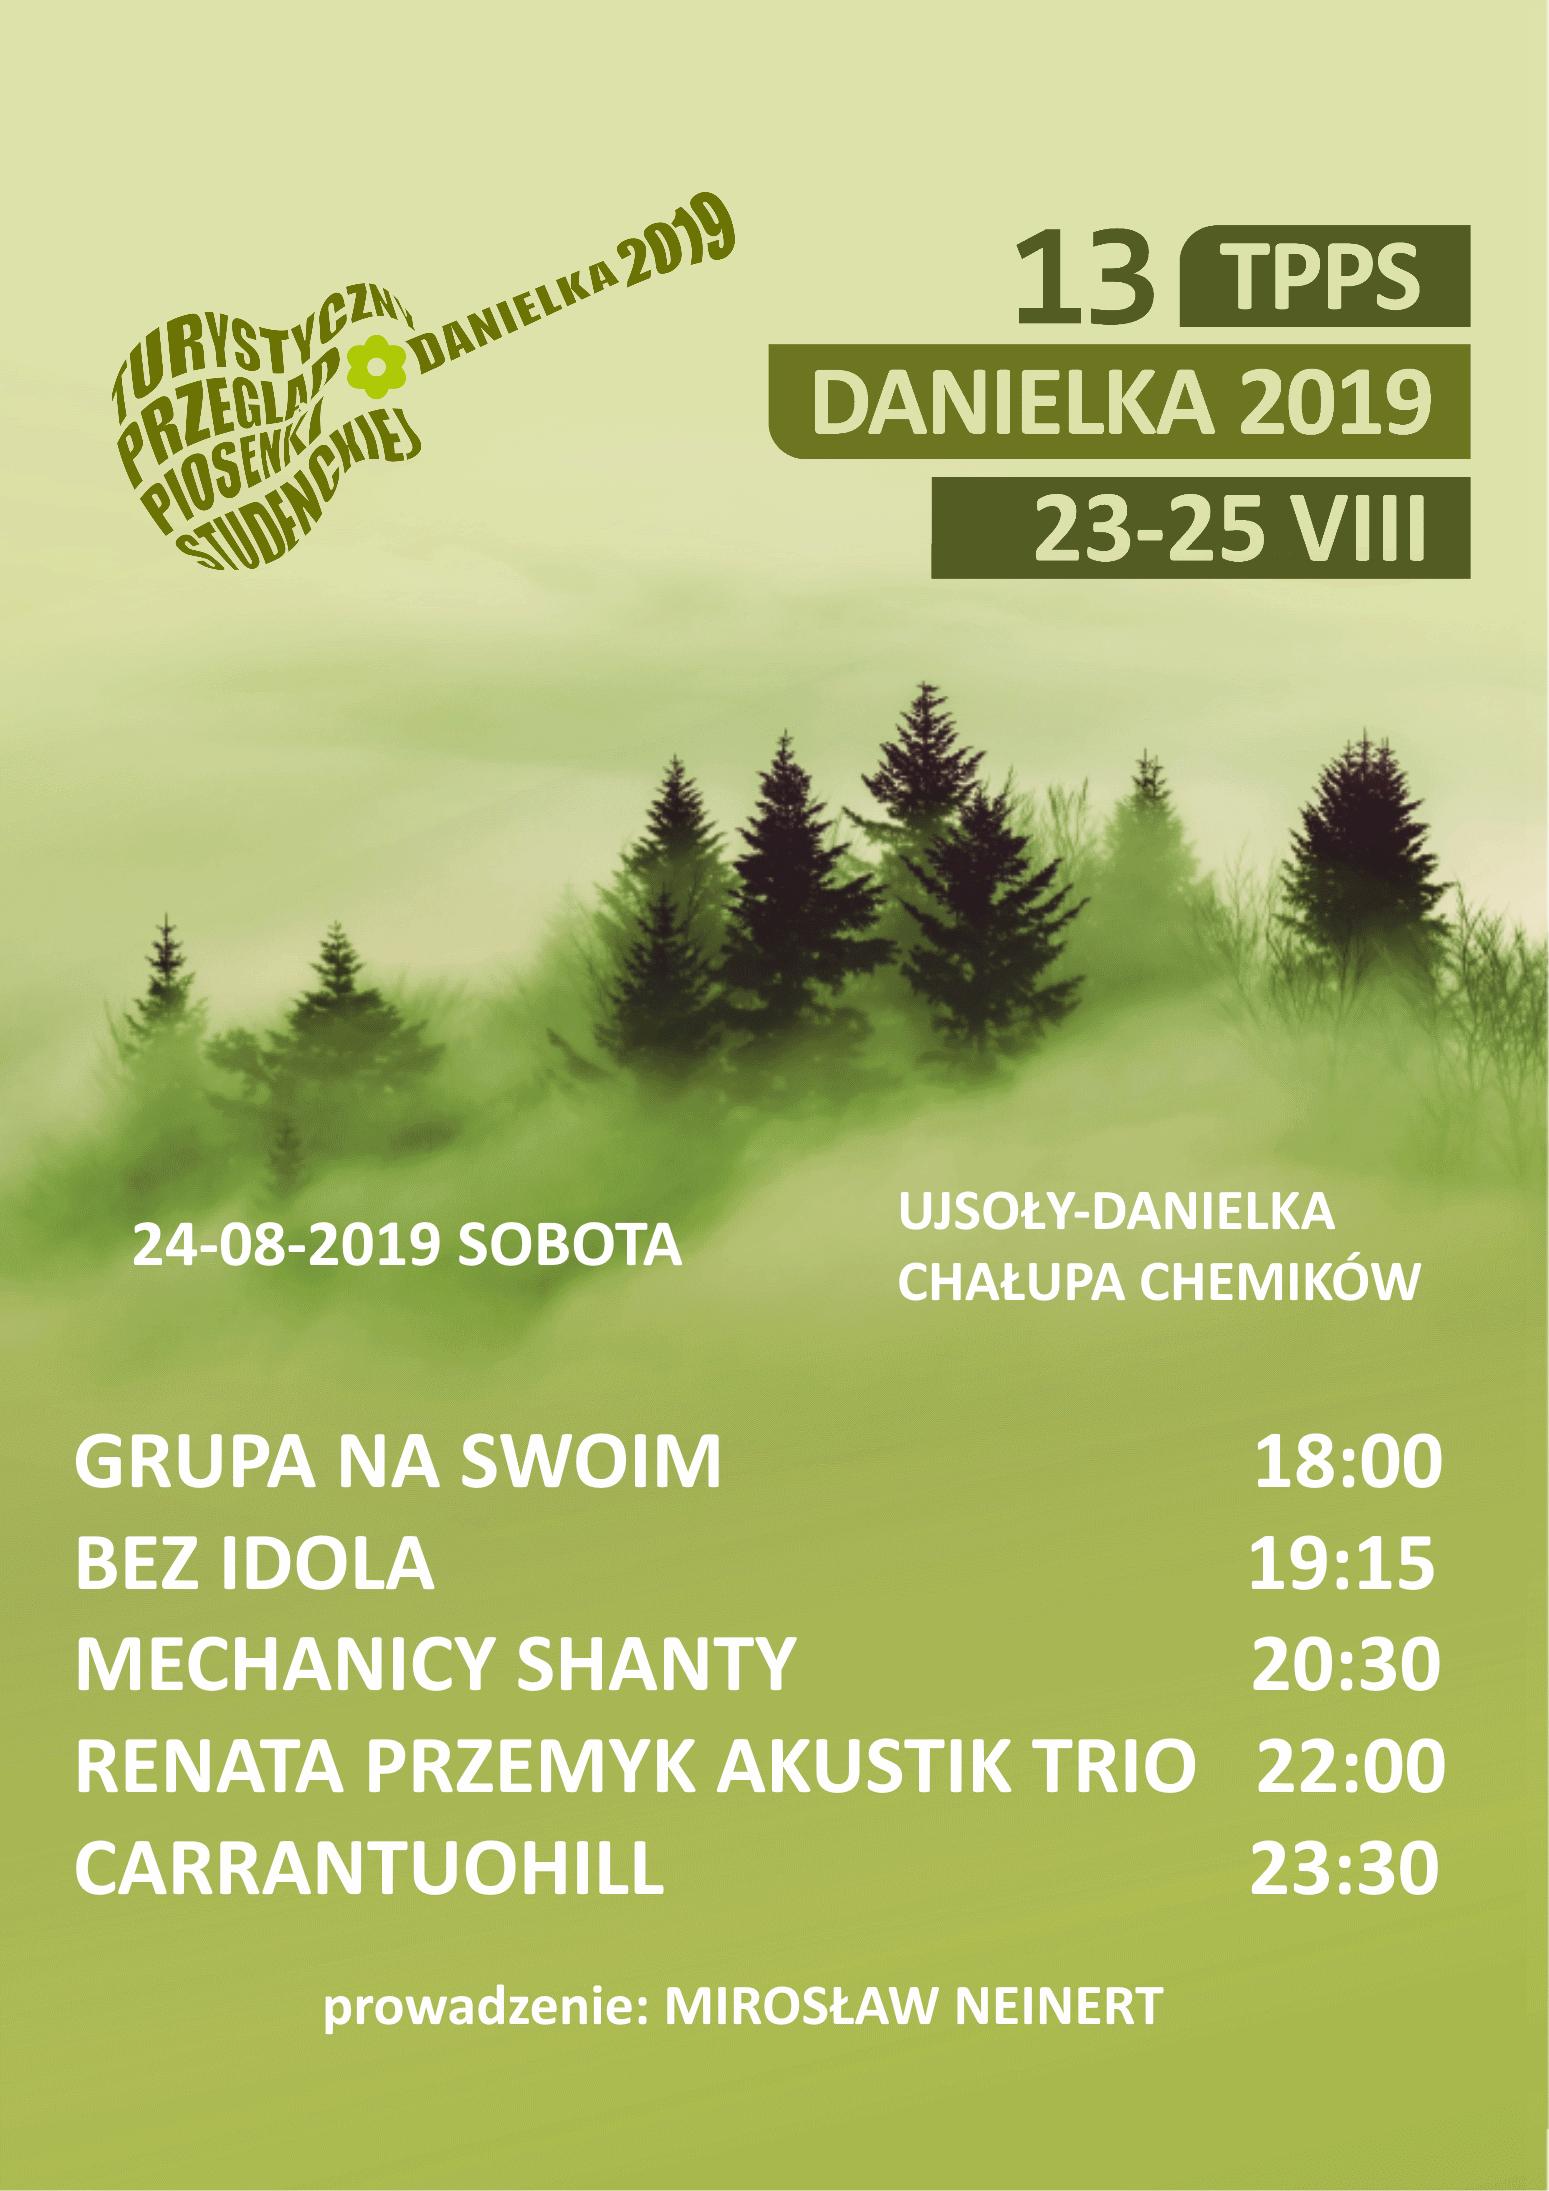 Rozkład godzinowy sobotniego Danielkowego Koncertu Gwiazd